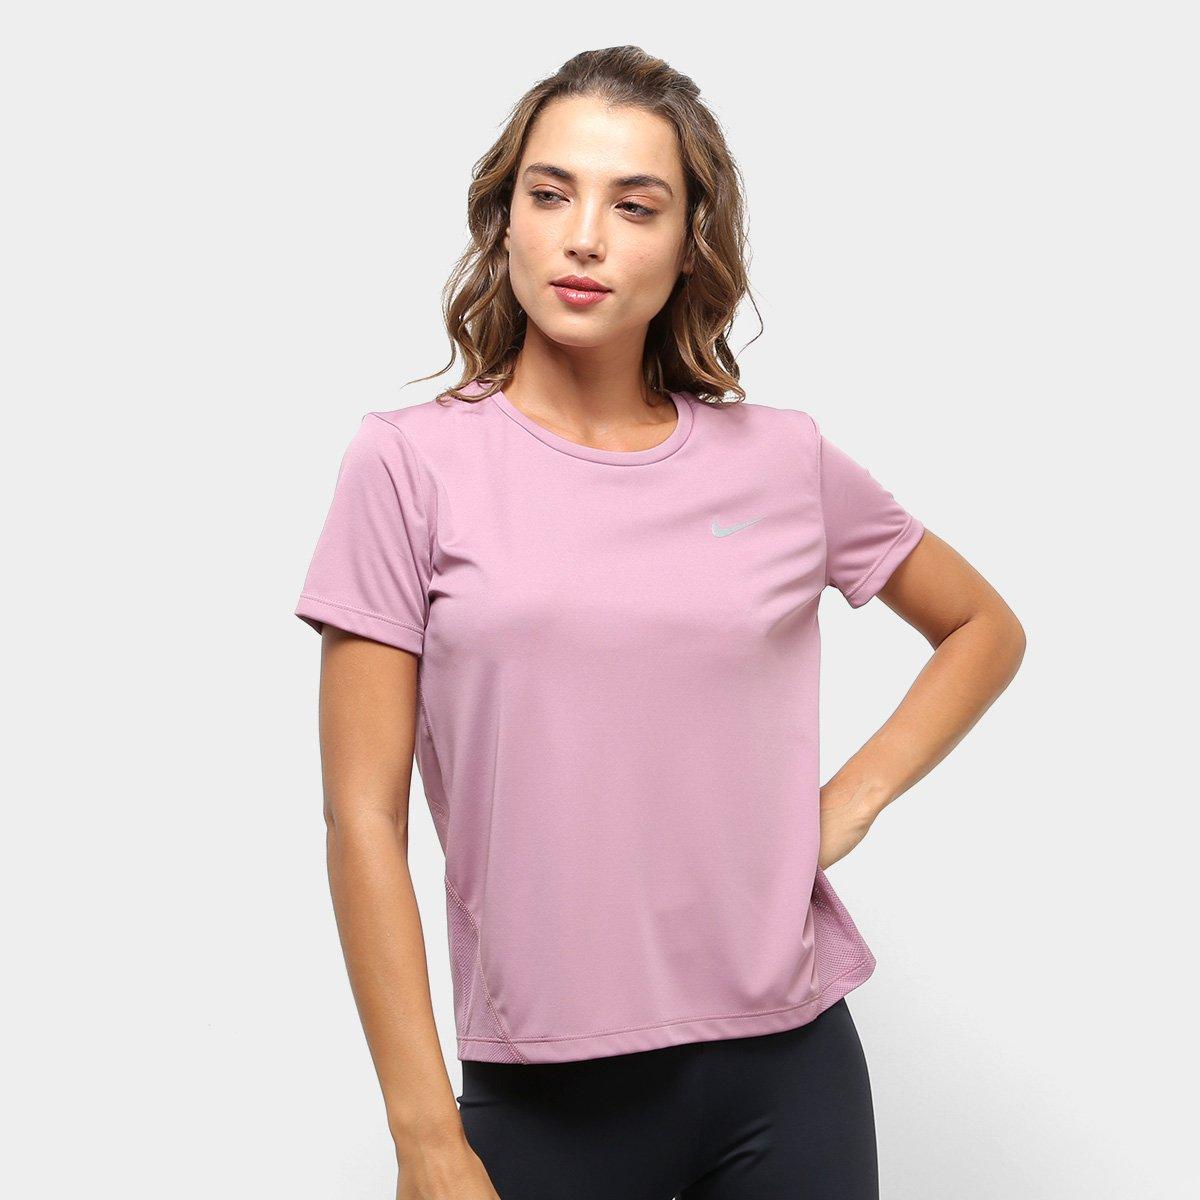 9674c328751de Camiseta Nike Miler Top Ss Feminina - Rosa Claro - Compre Agora ...